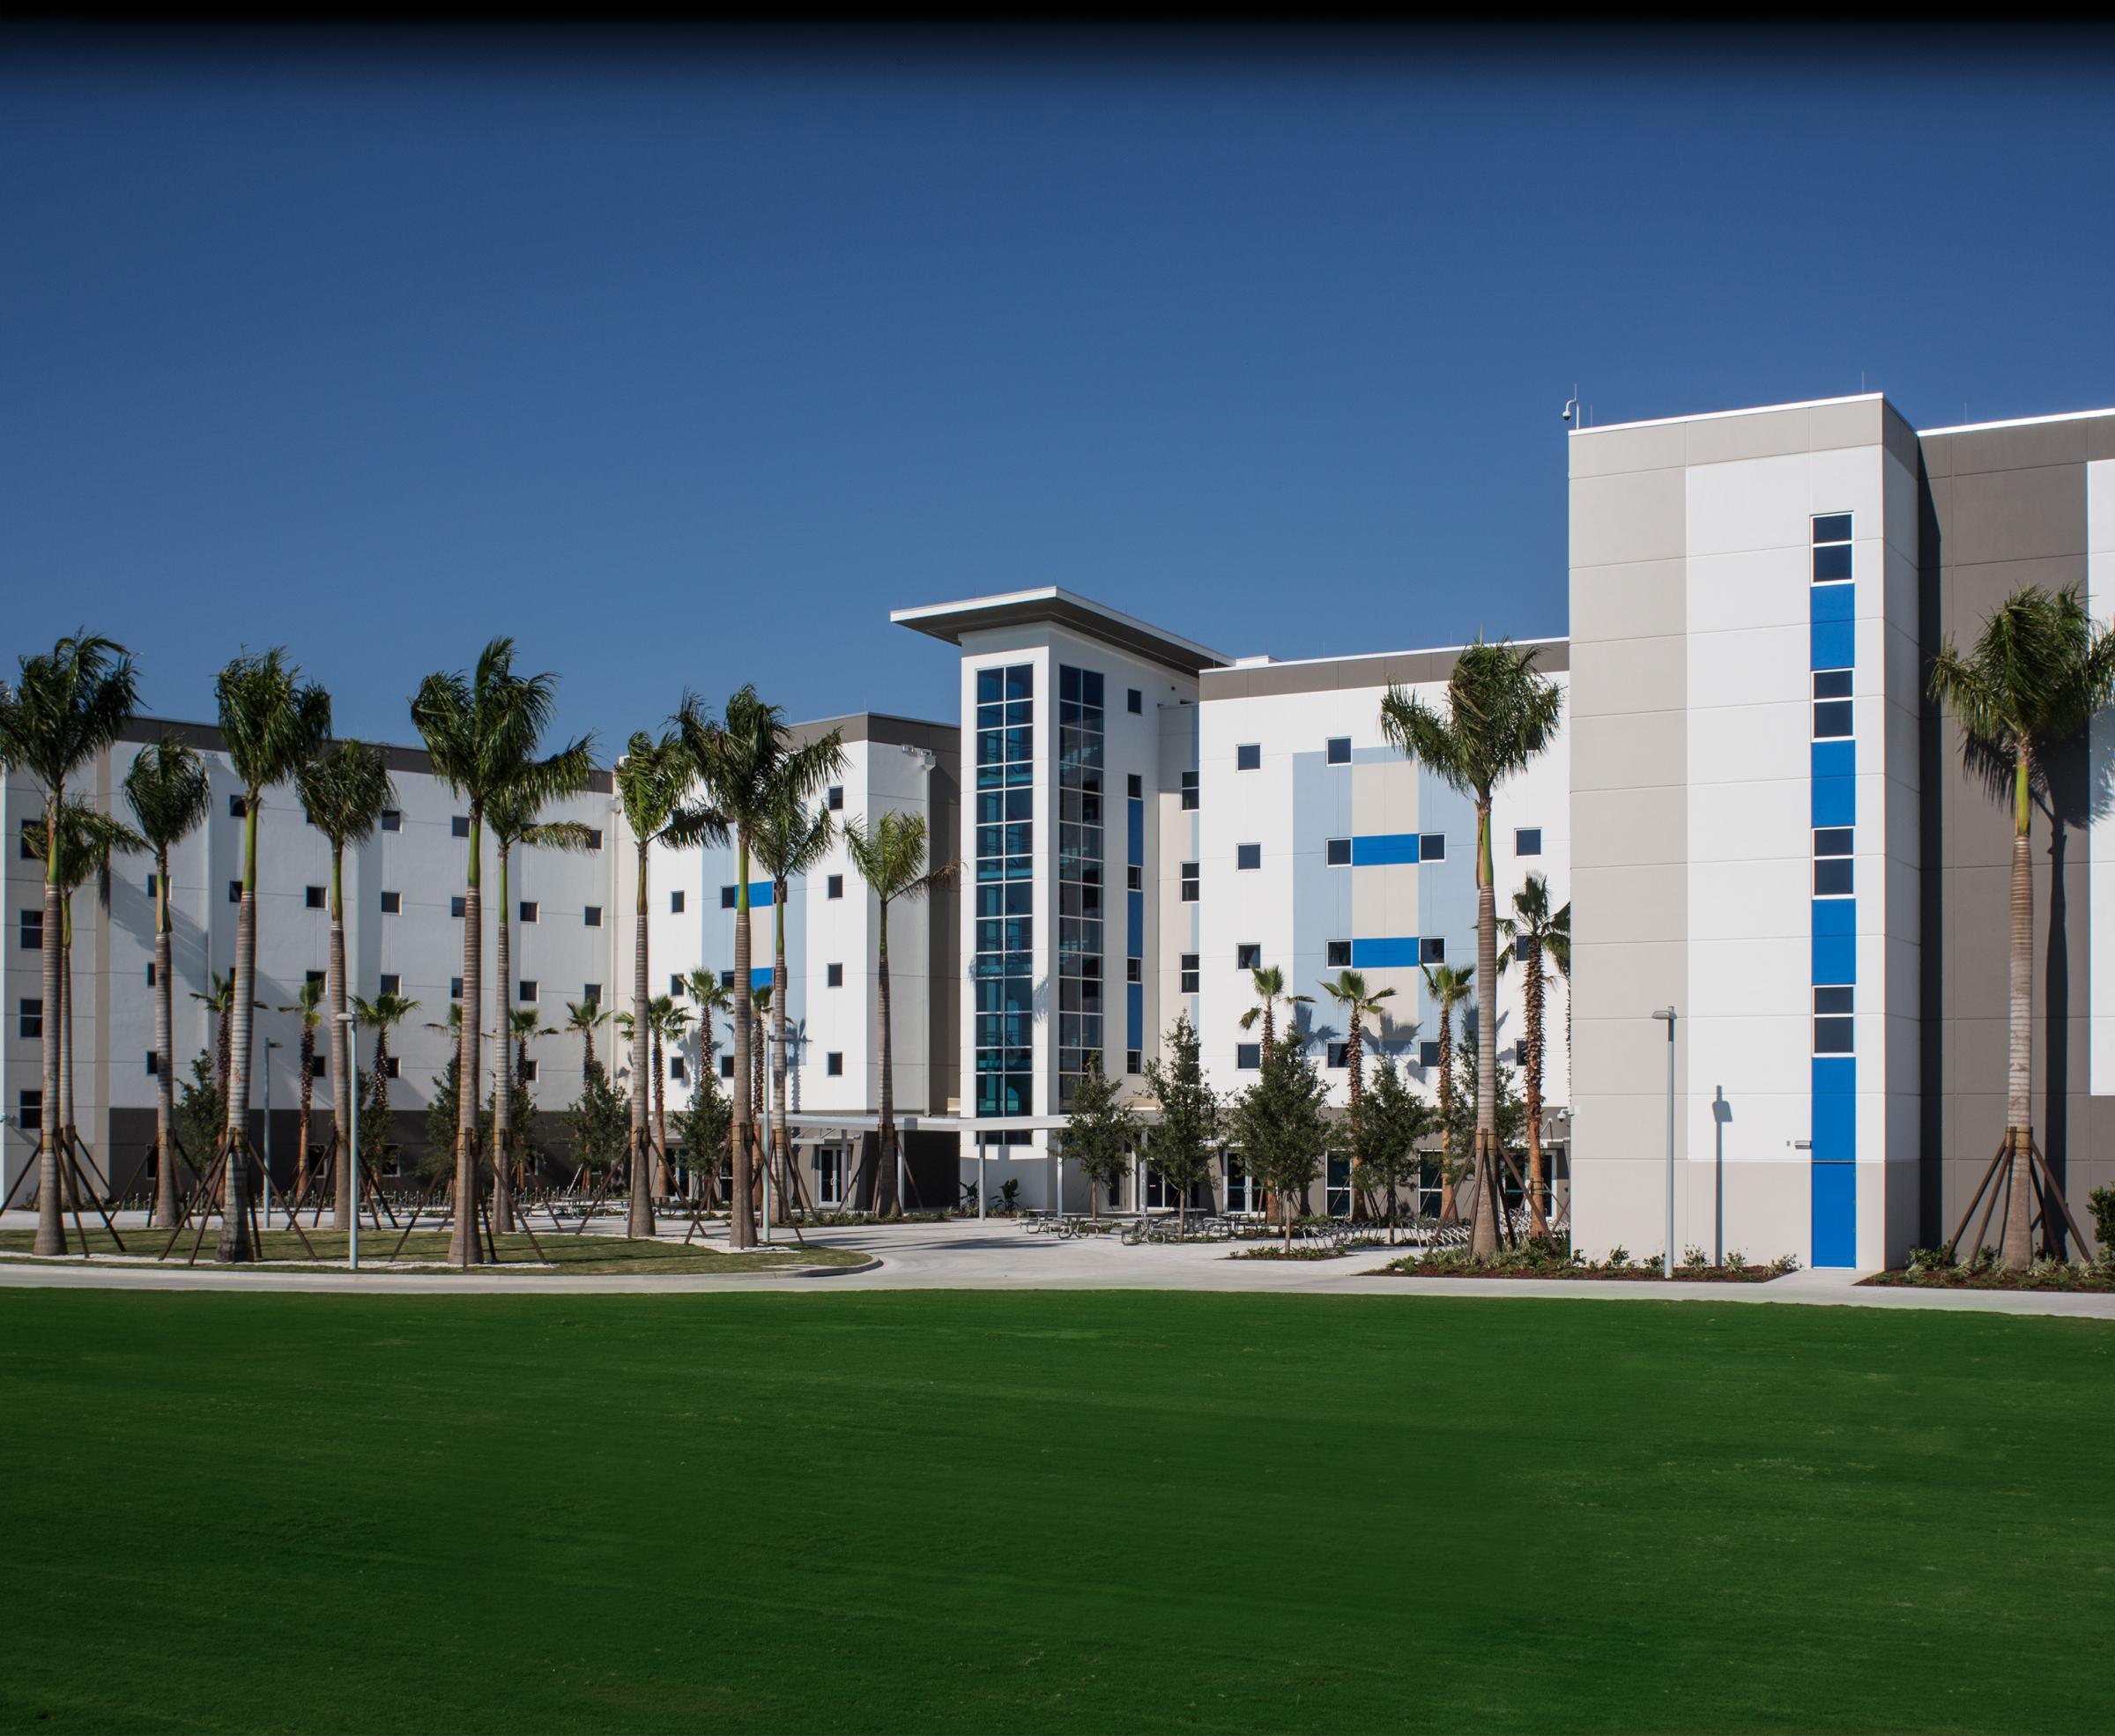 Img: IMG Academy Student Residence Hall 5-Story